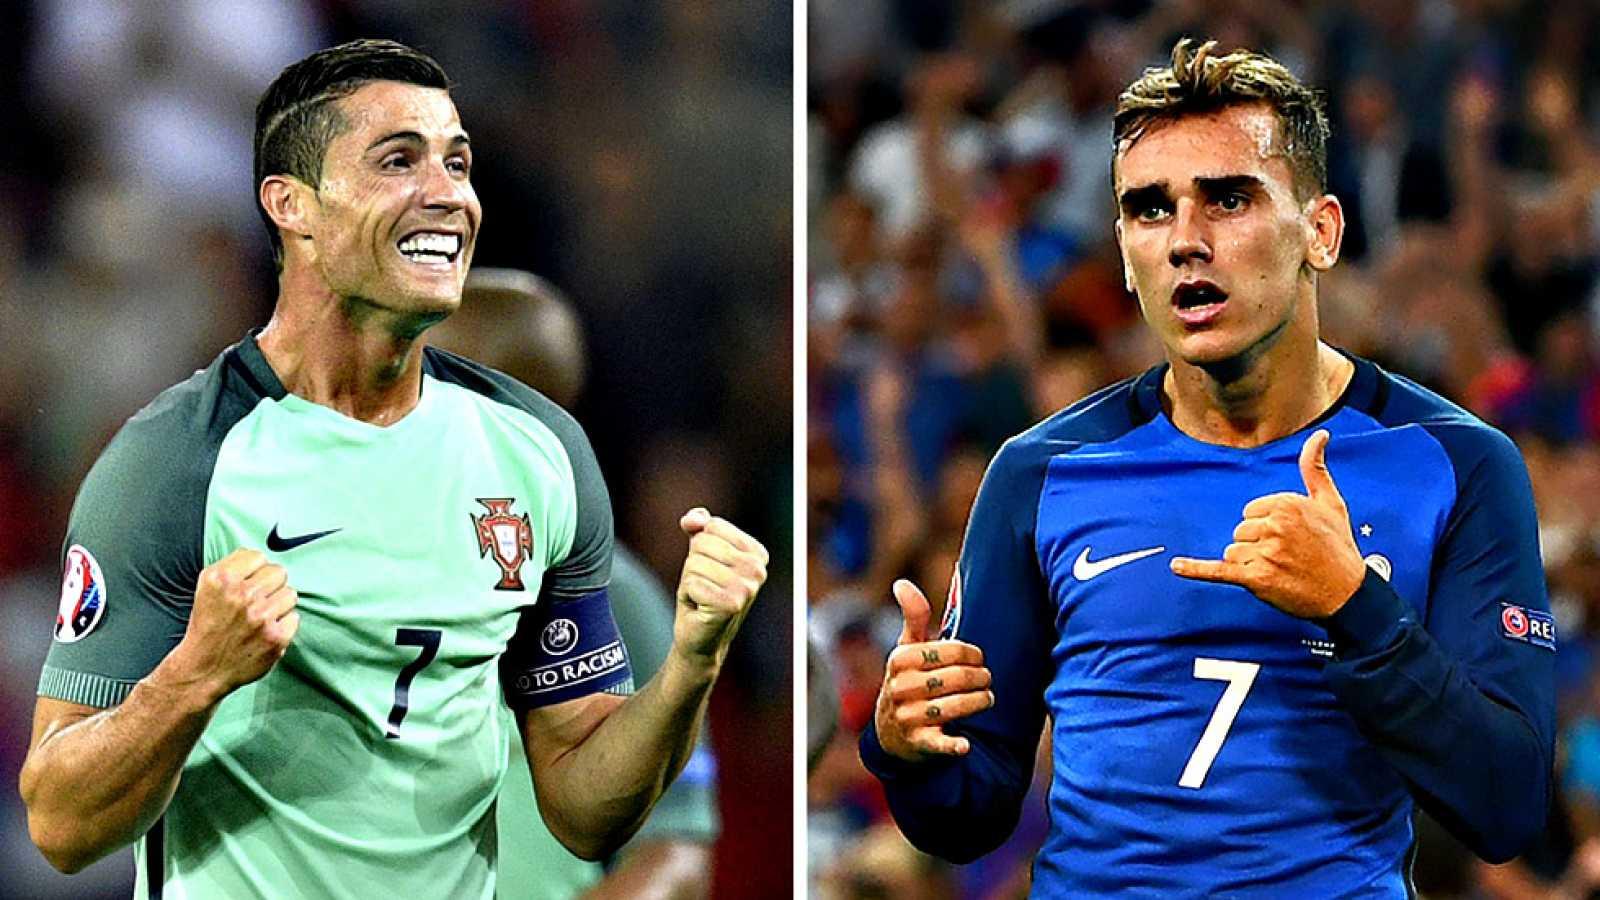 Para todos los públicos Portugal y Francia disputan este domingo la final  de la decimoquinta edición de la Eurocopa fd20a0597b4a8